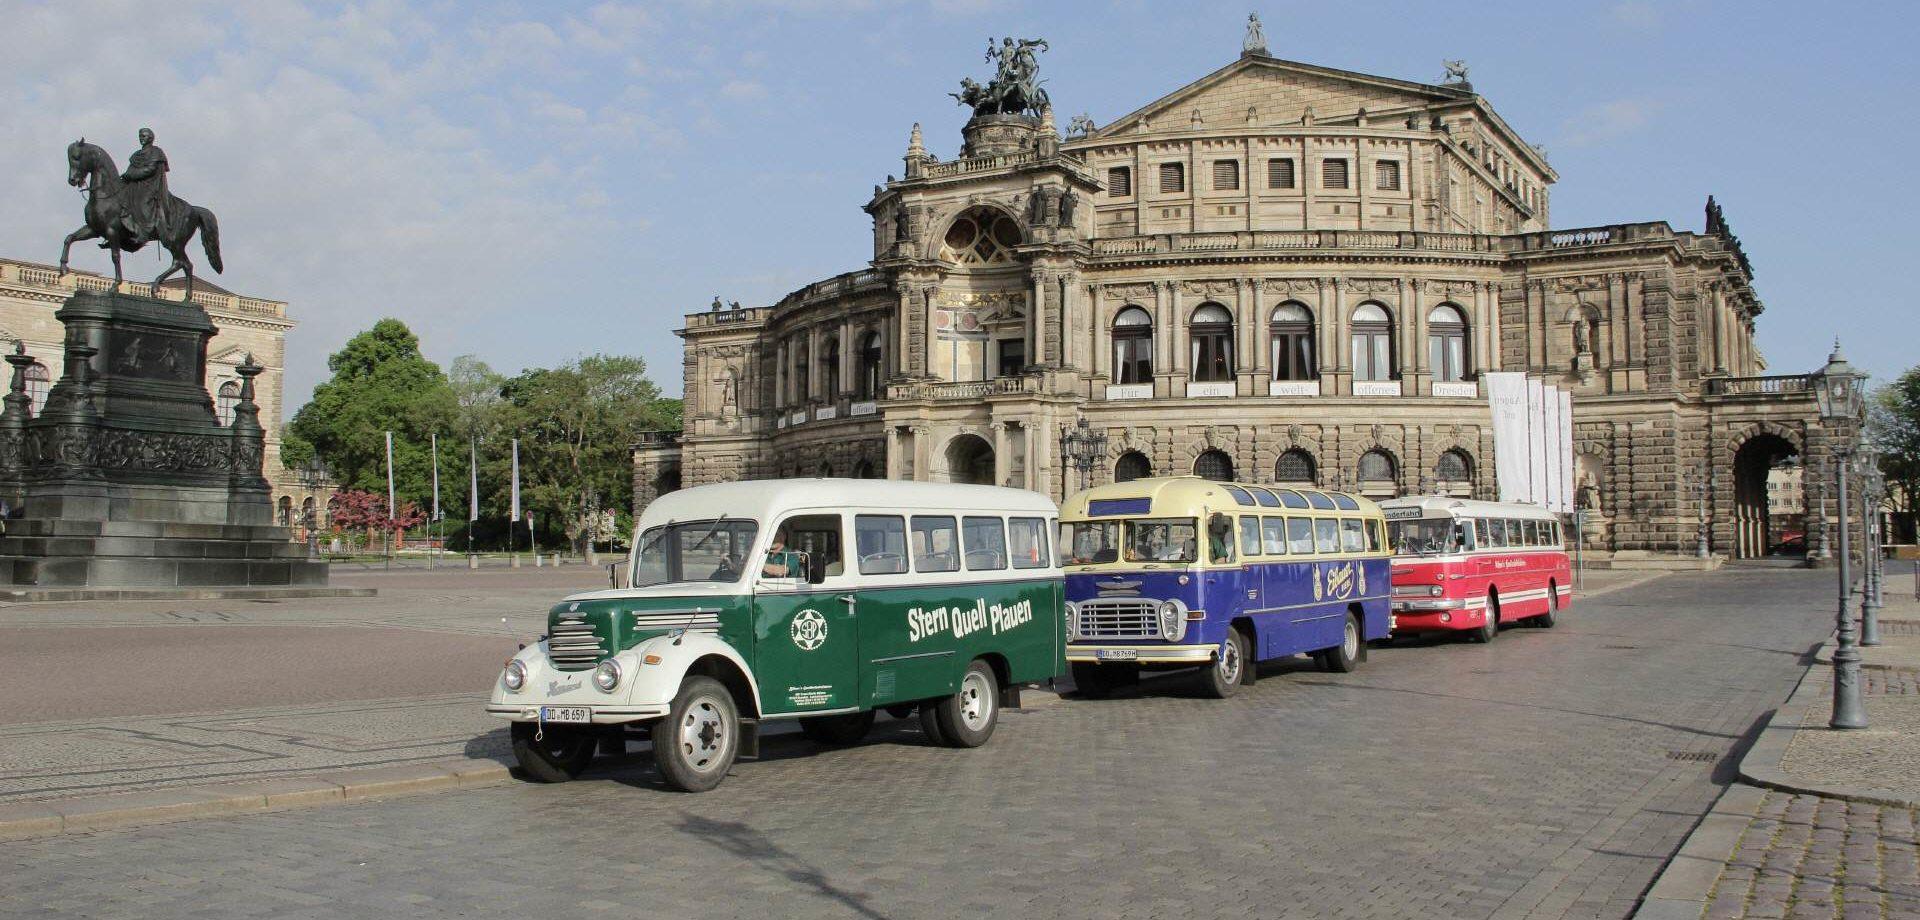 Oldtimerbusse vor der Semper Oper in Dresden